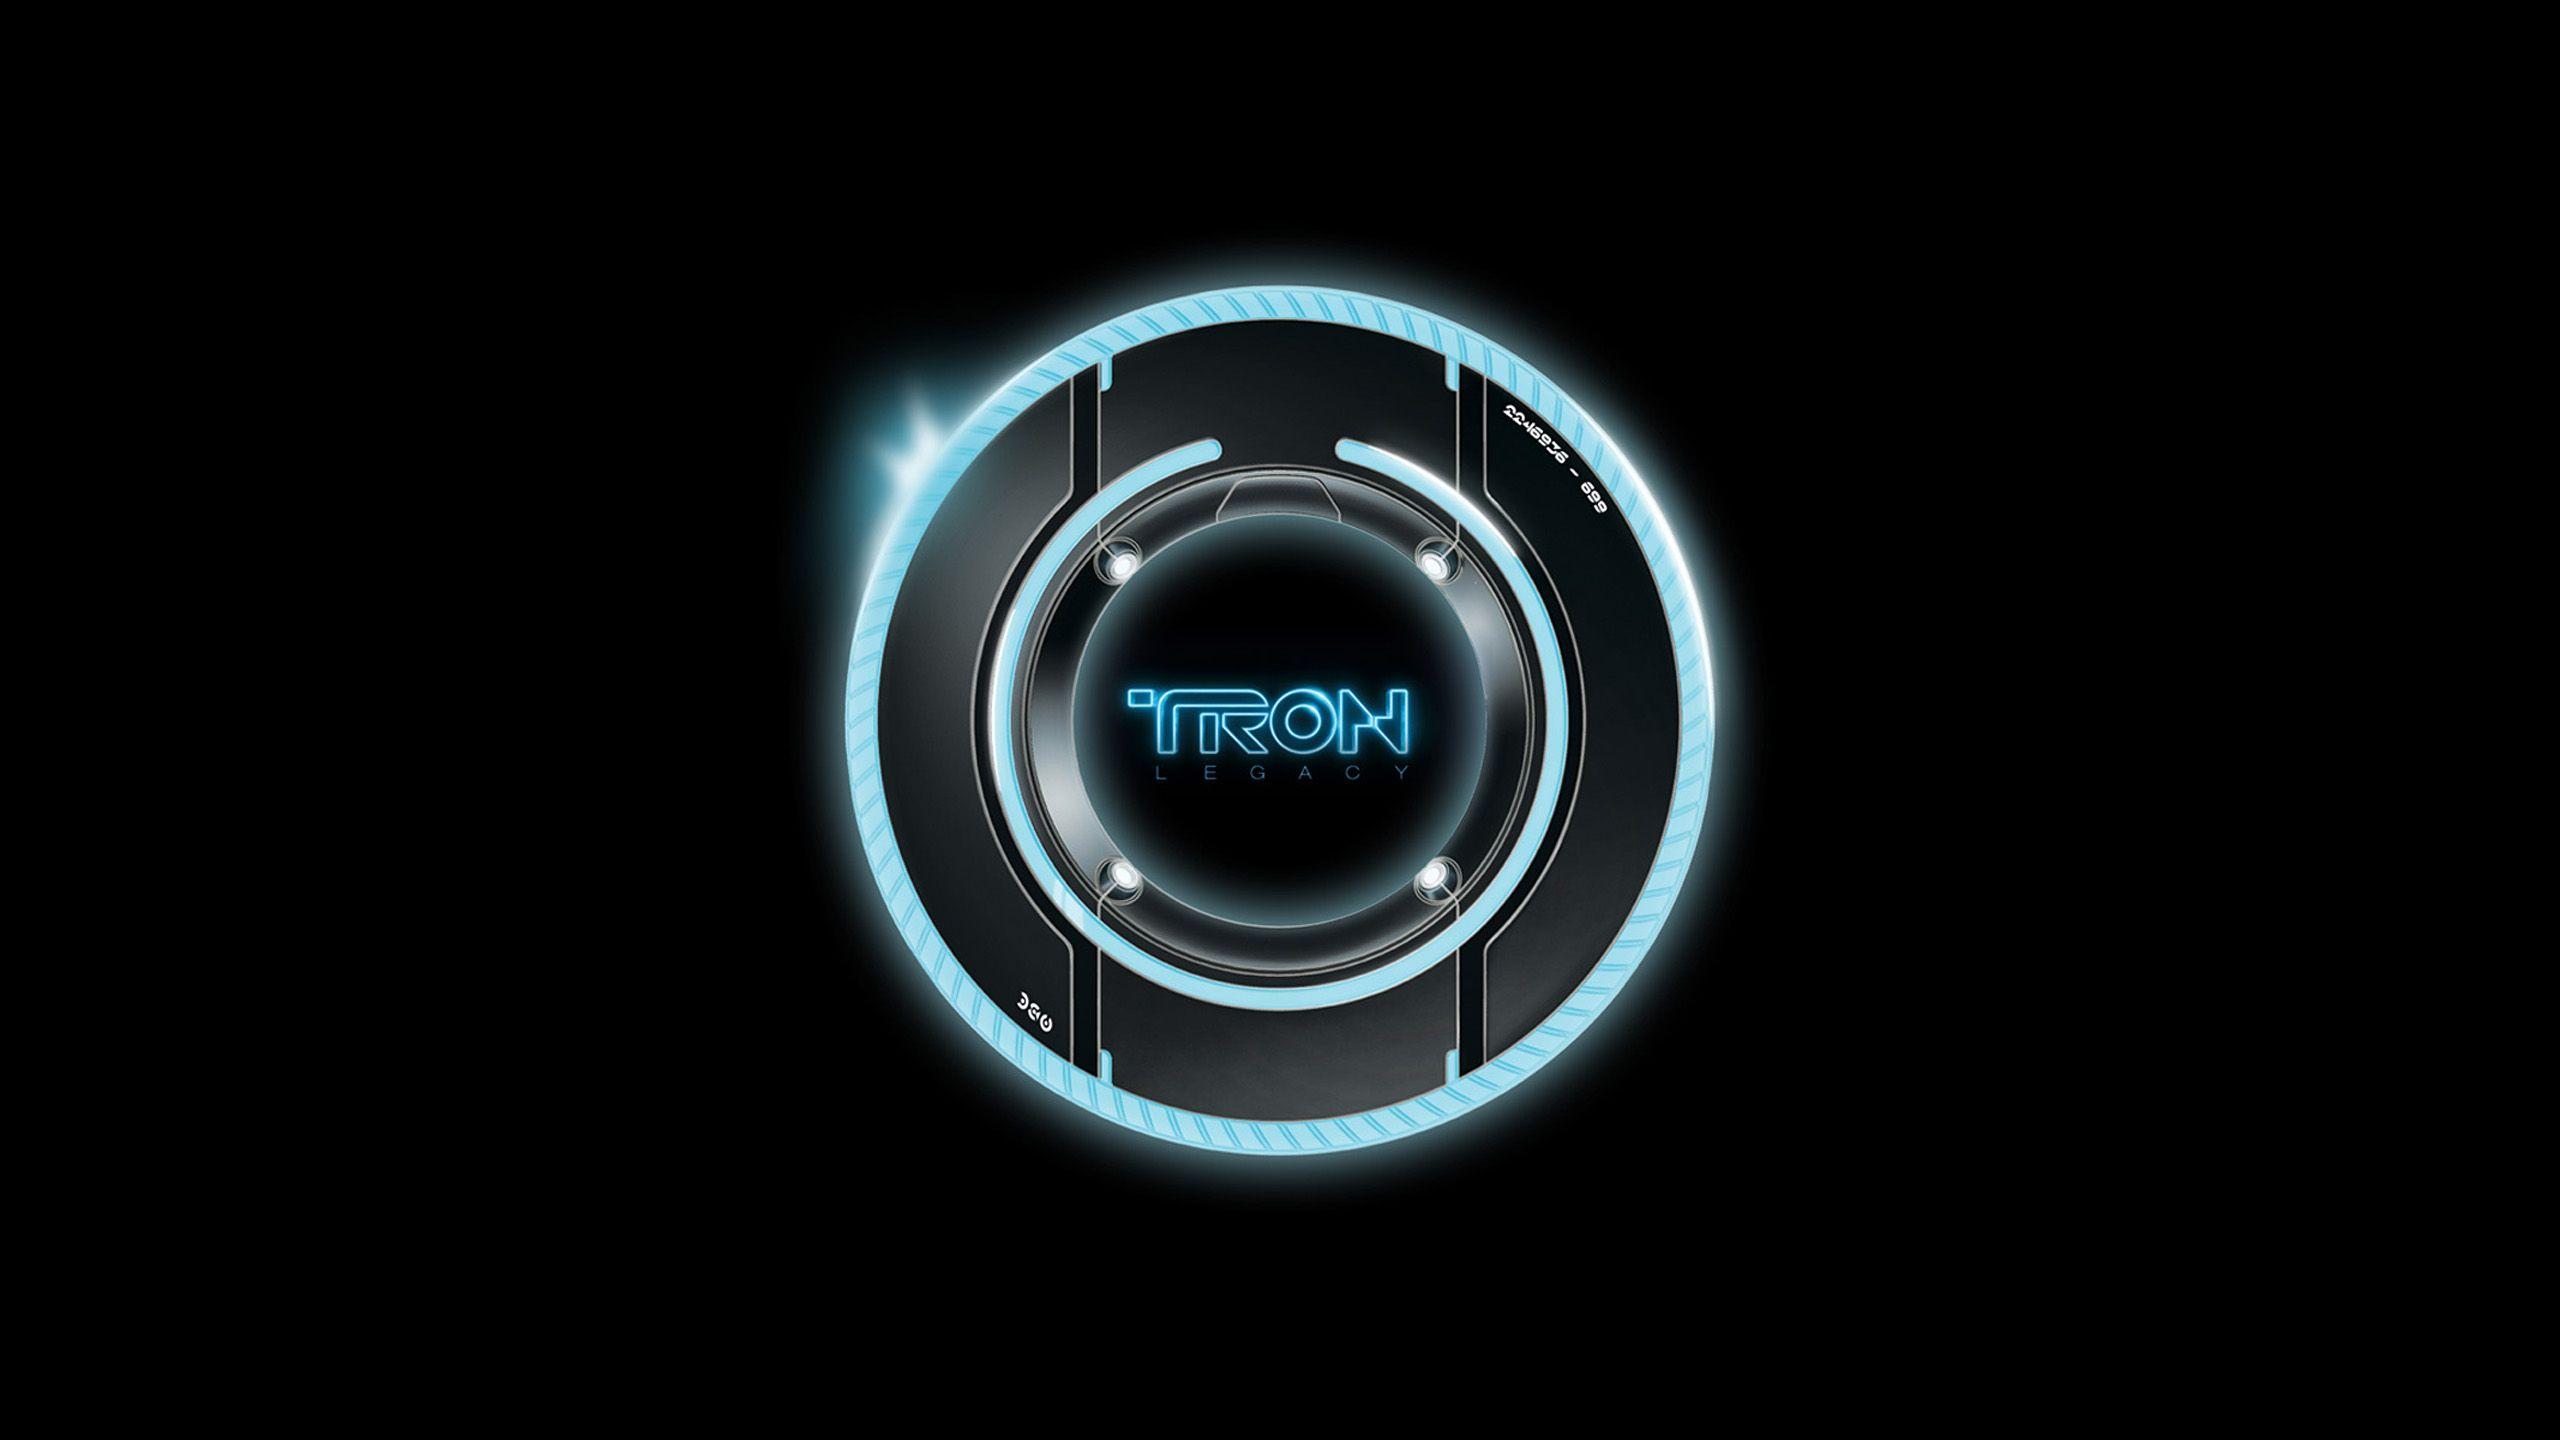 Tron Legacy Wallpapers P Wallpaper Tron Wallpaper Tron Legacy Tron Art Tron